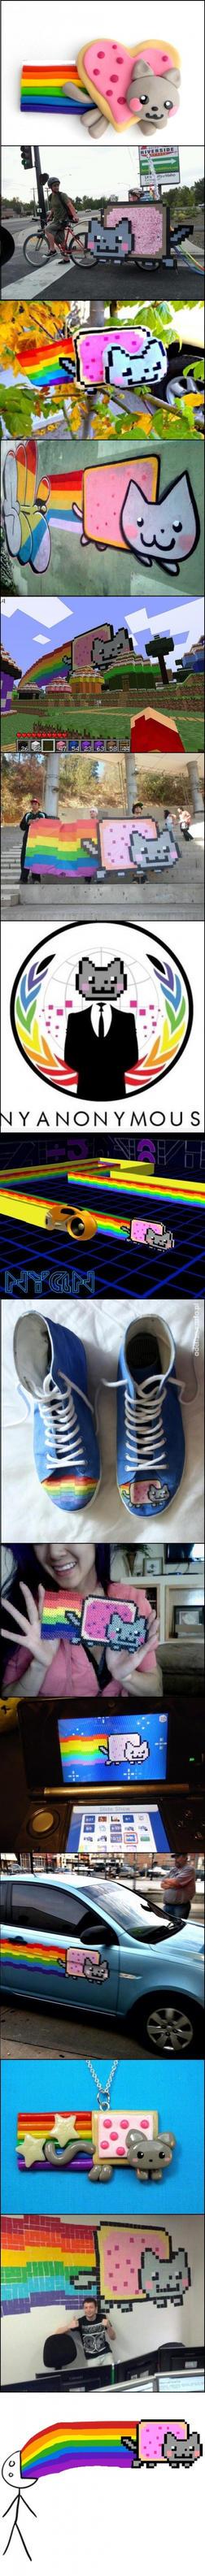 Nyan Cat :D by memelandia